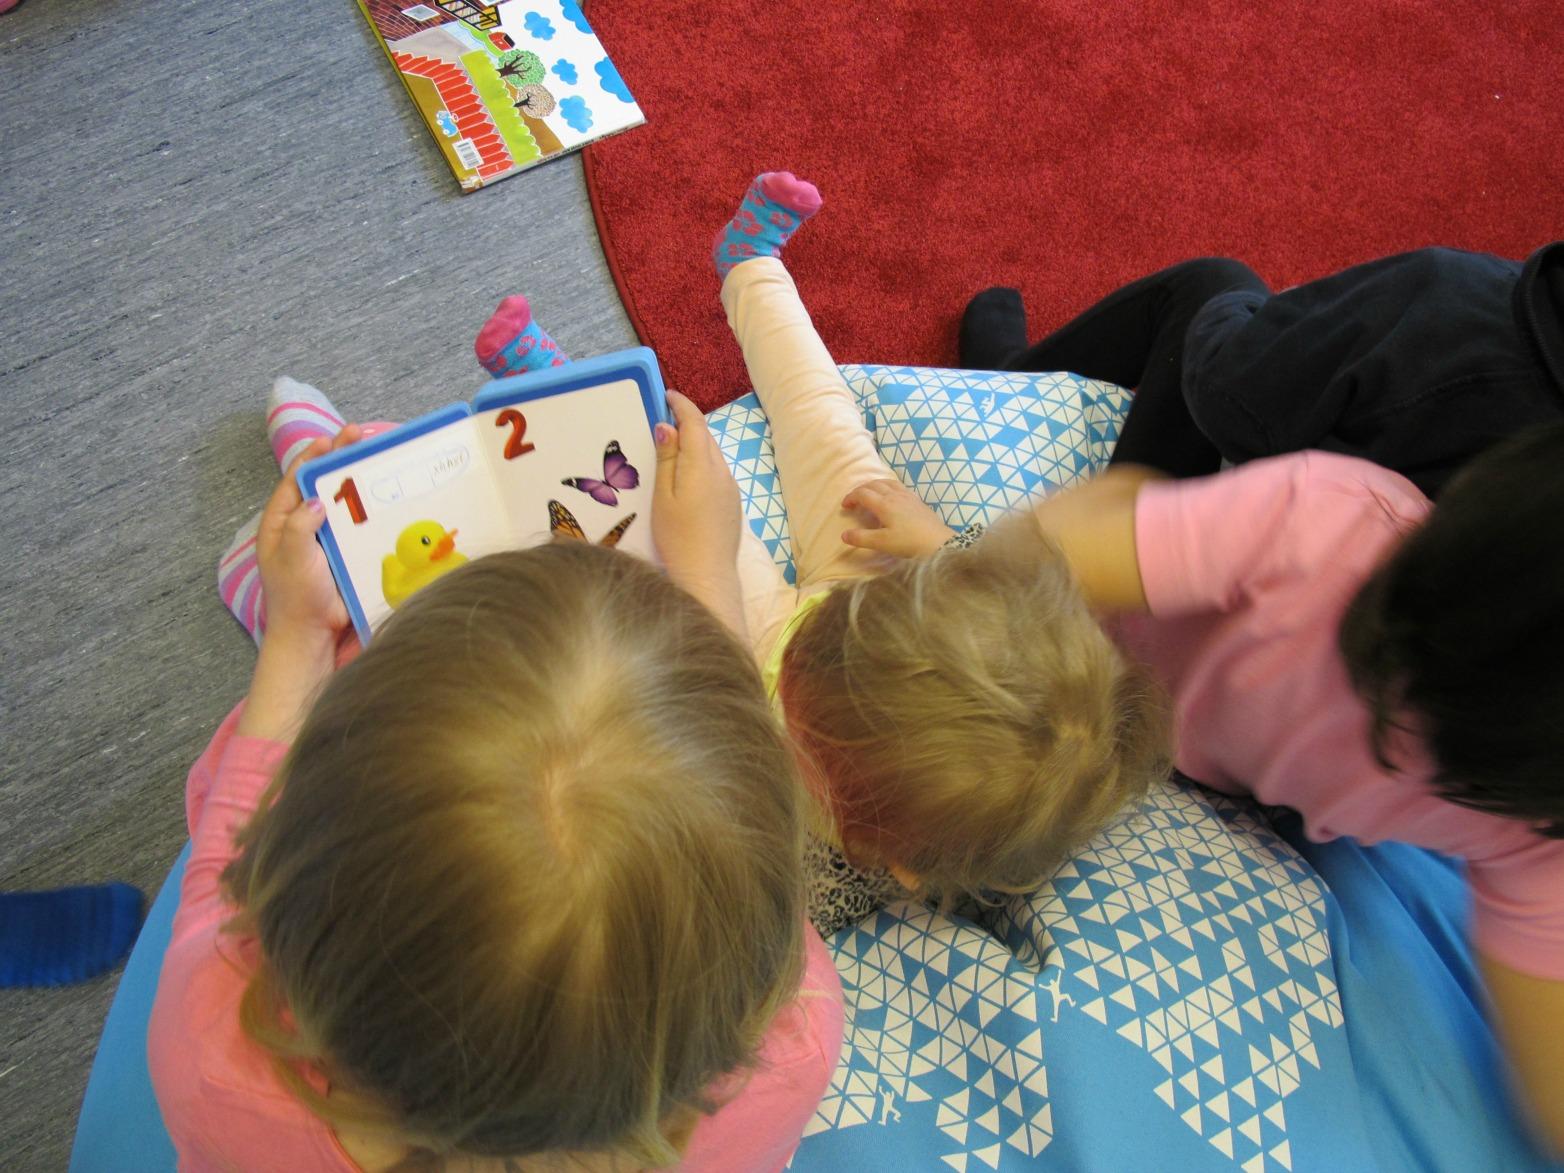 Barn sitter i pedagogs knä och läser bok.